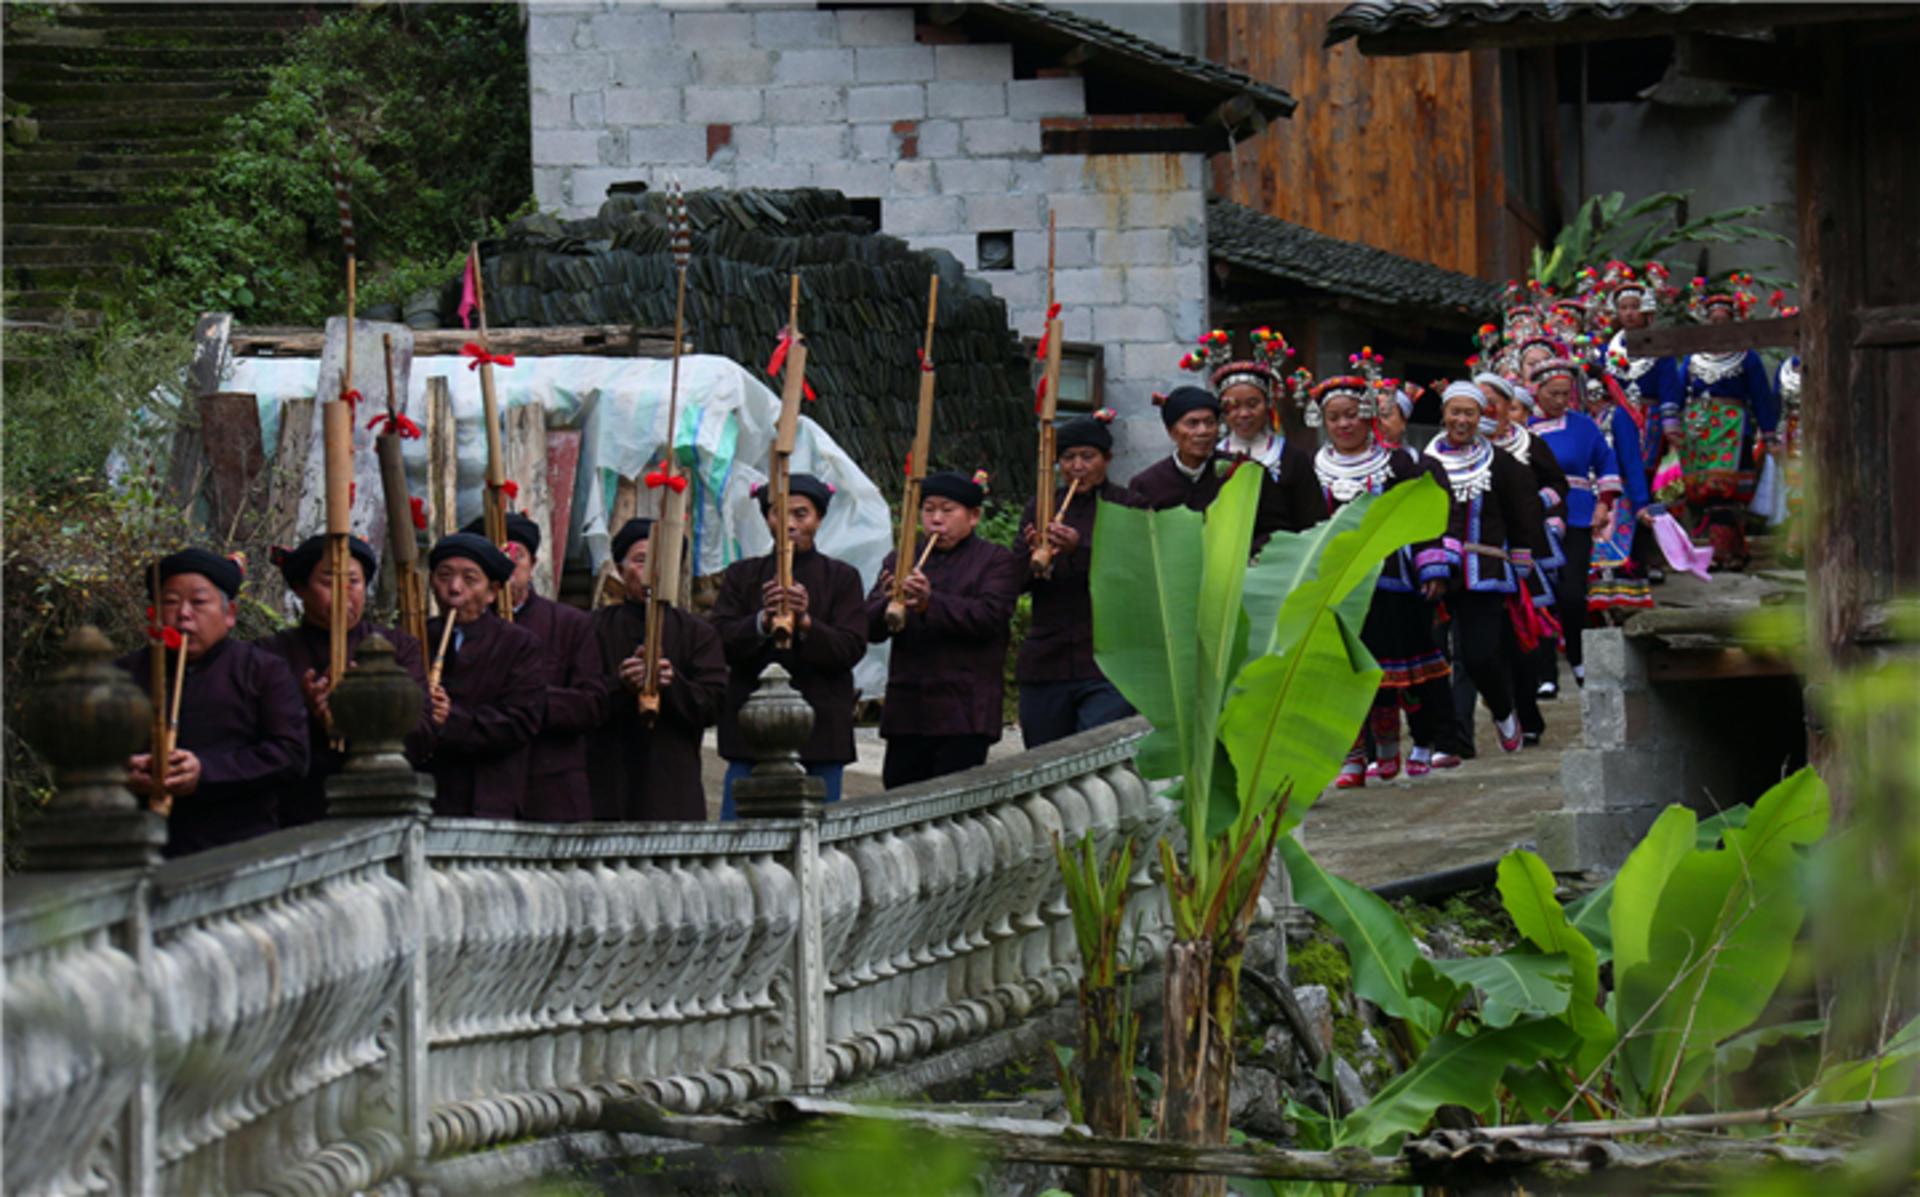 侗族同胞在吹芦笙踩堂